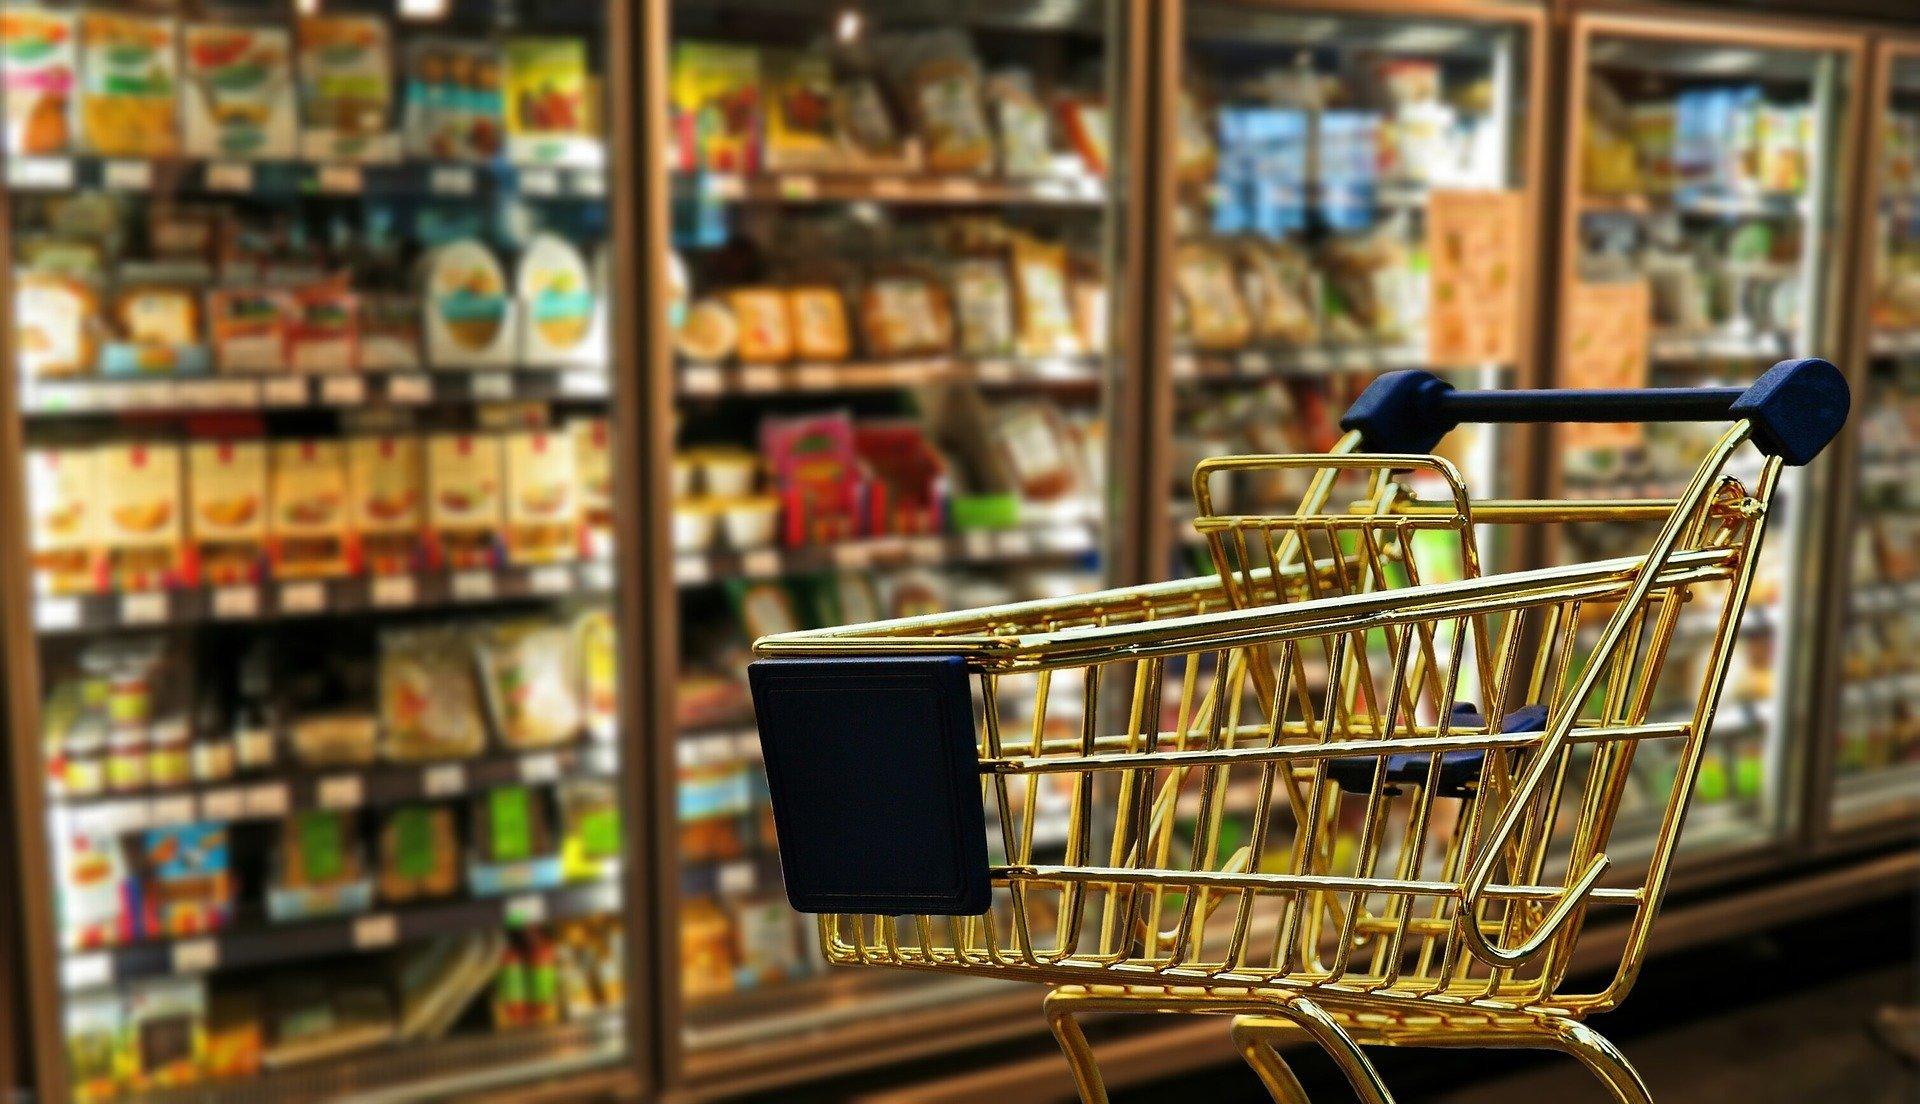 Carrinho de comprar em supermercado